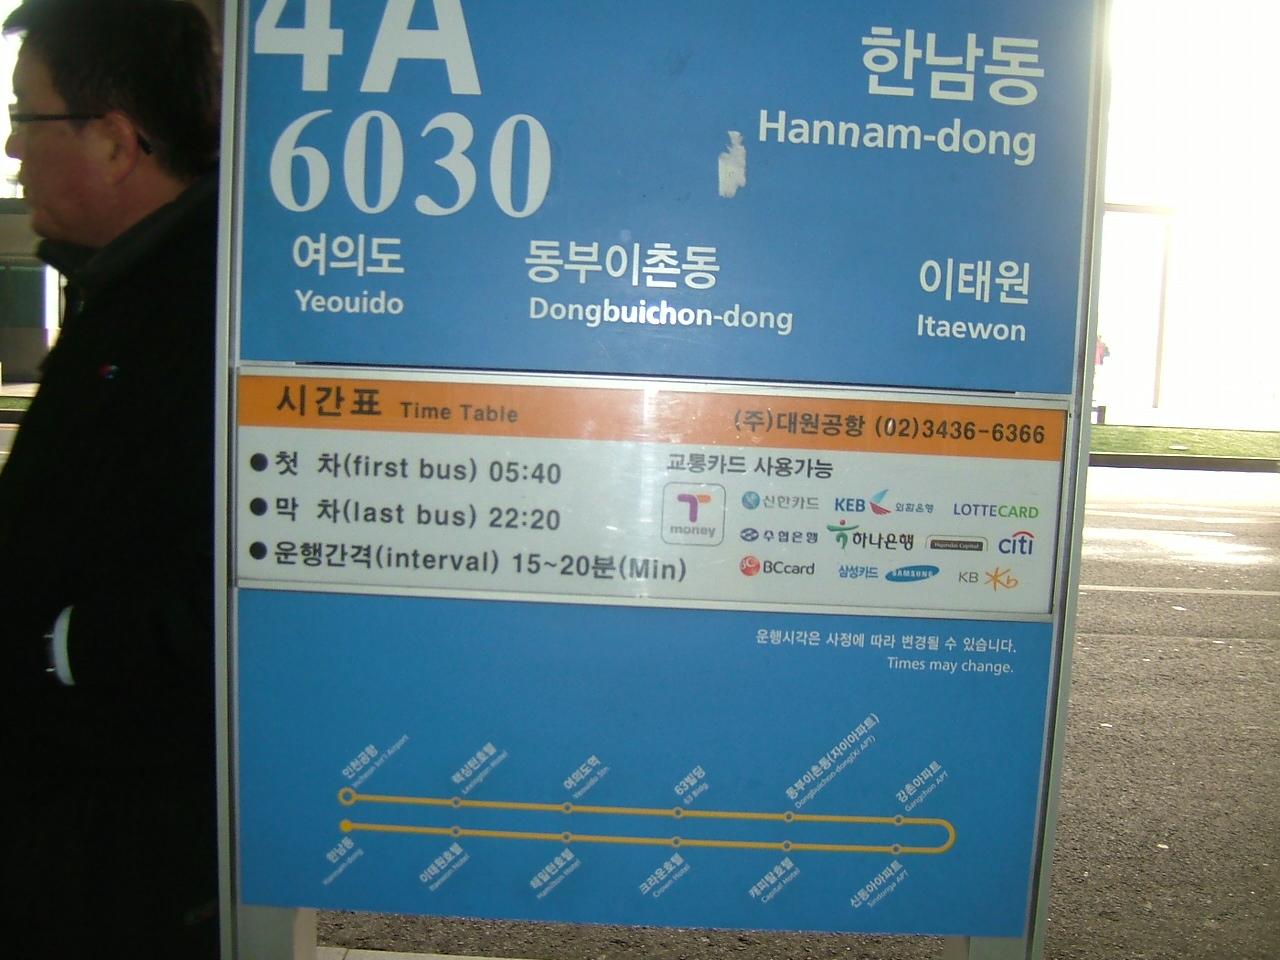 韓国 旅行 大丈夫